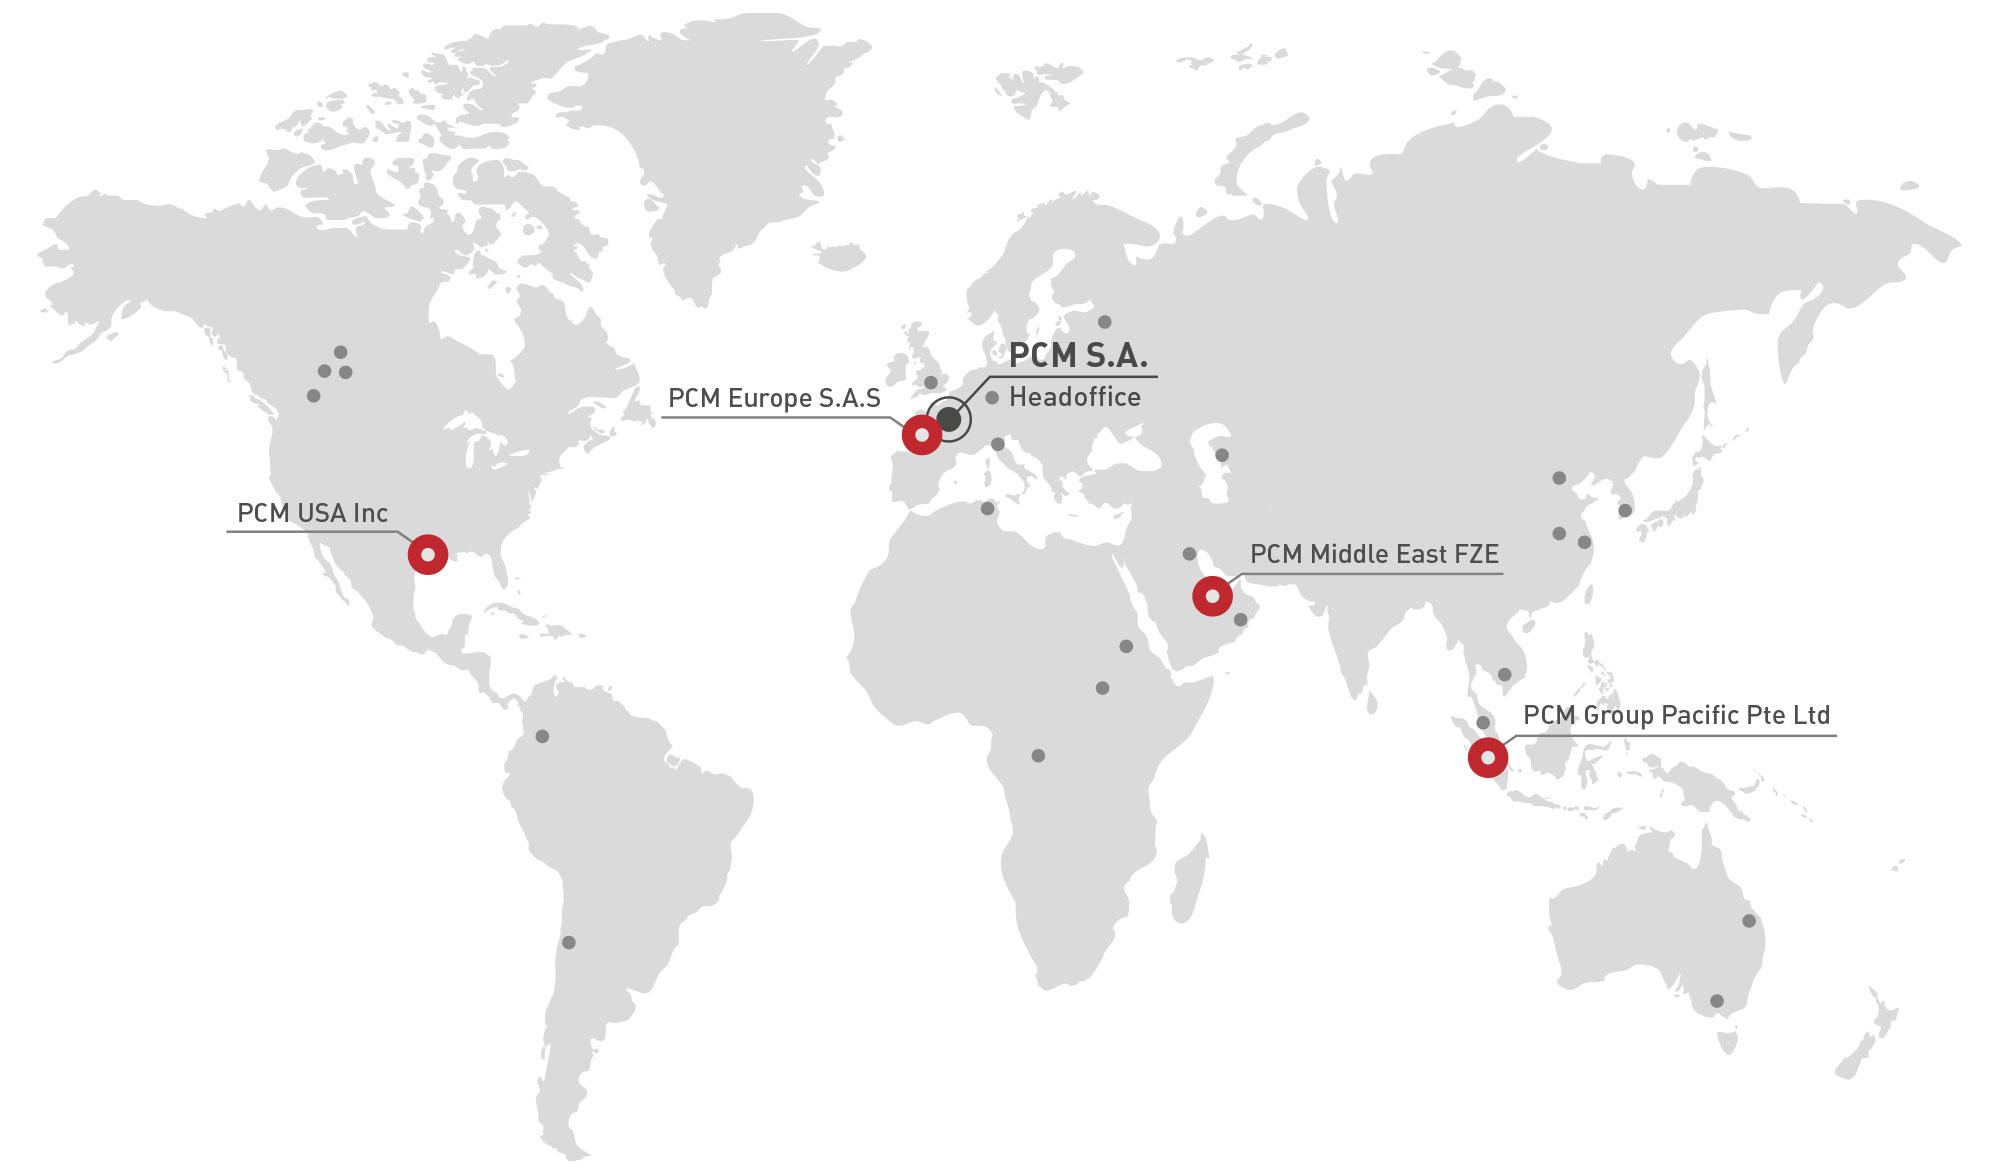 Carte du monde PCM